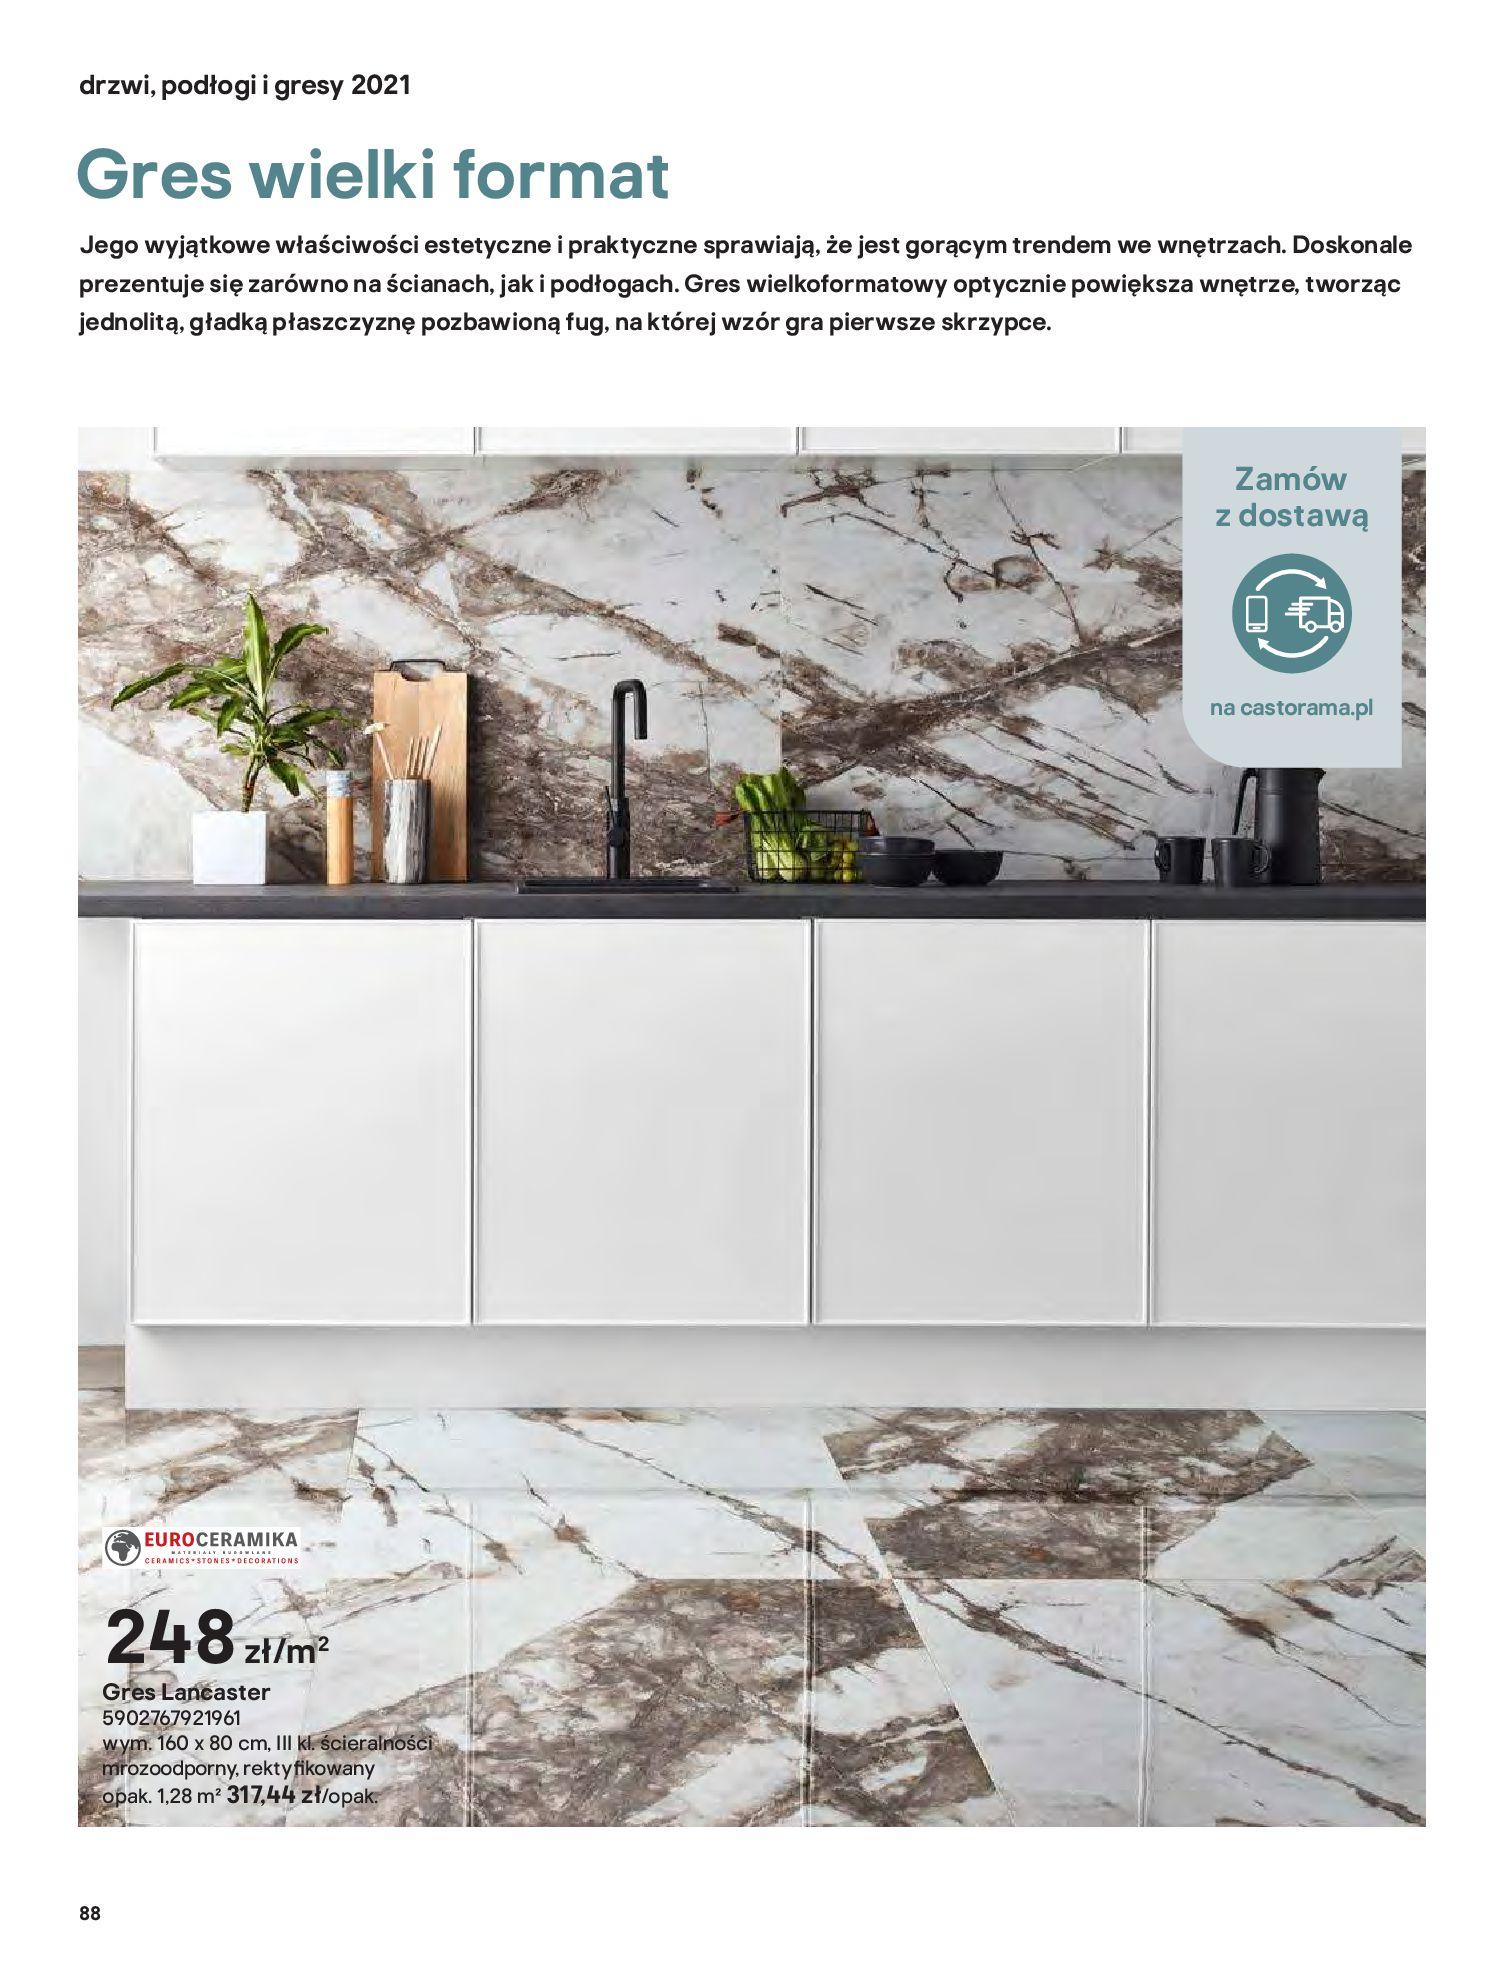 Gazetka Castorama: Gazetka Castorama - Przewodnik drzwi i podłogi 2021 2021-08-11 page-88